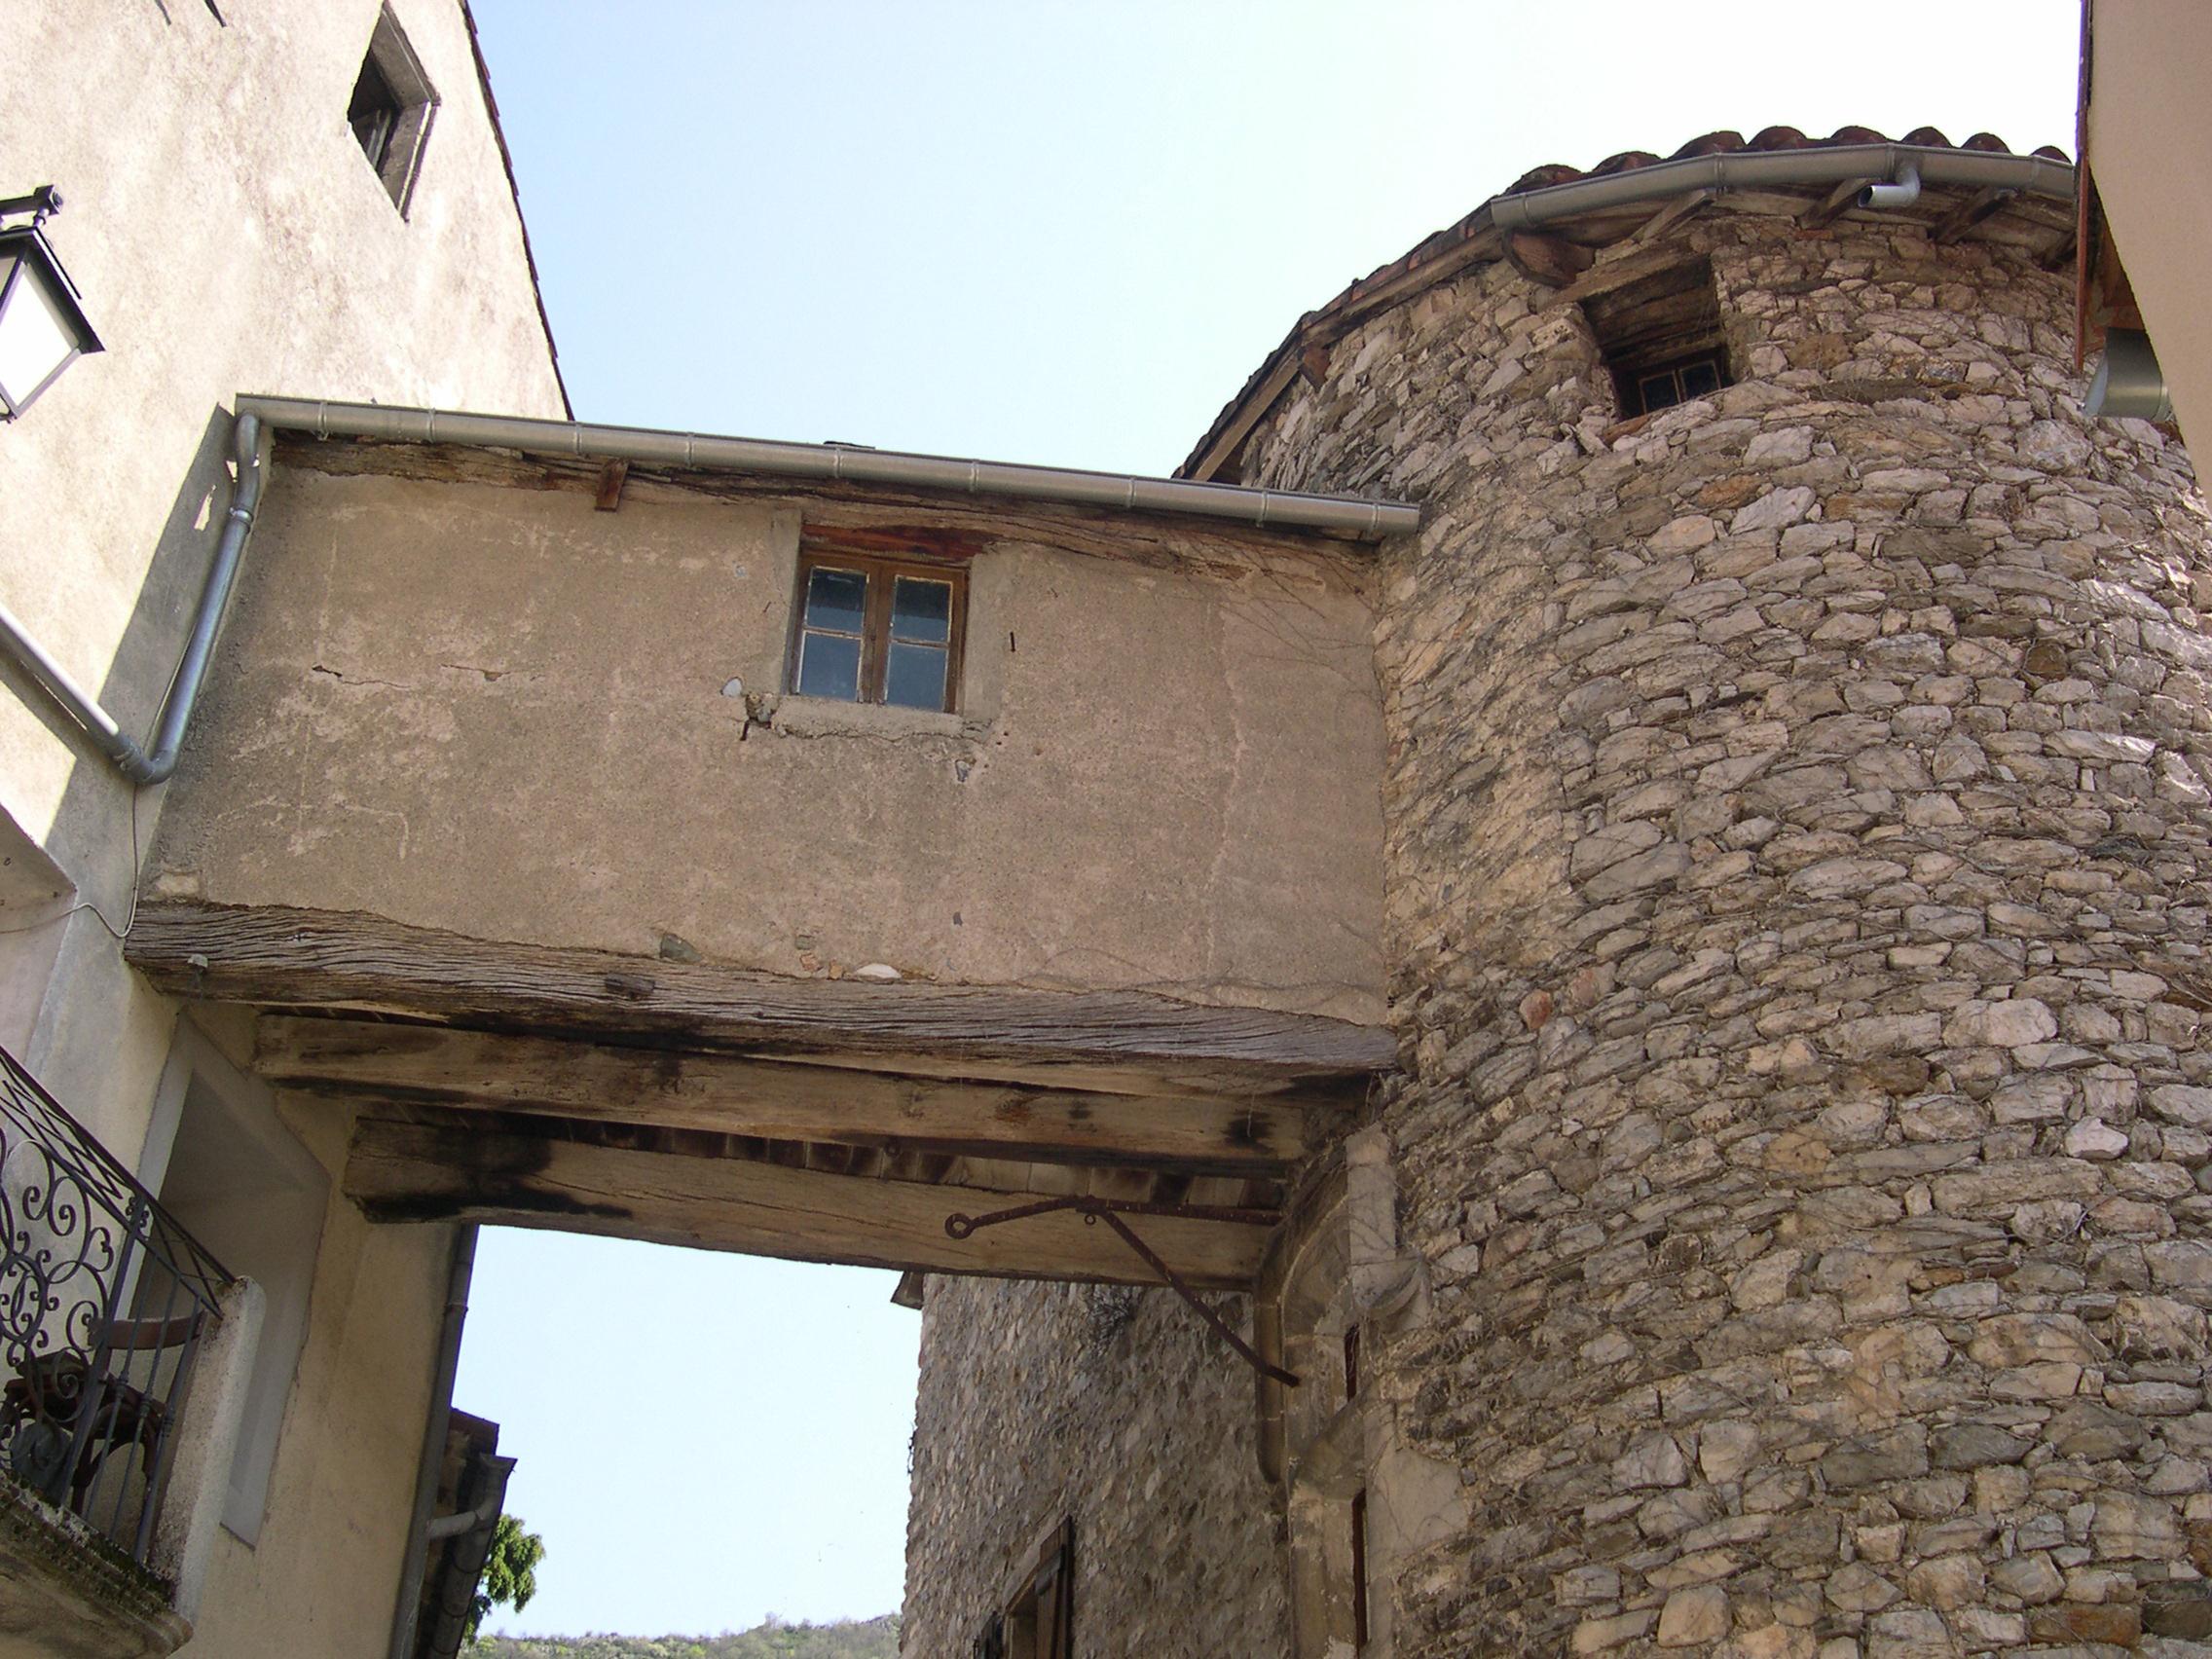 Fichier:Brusque maison ancienne.JPG — Wikipédia